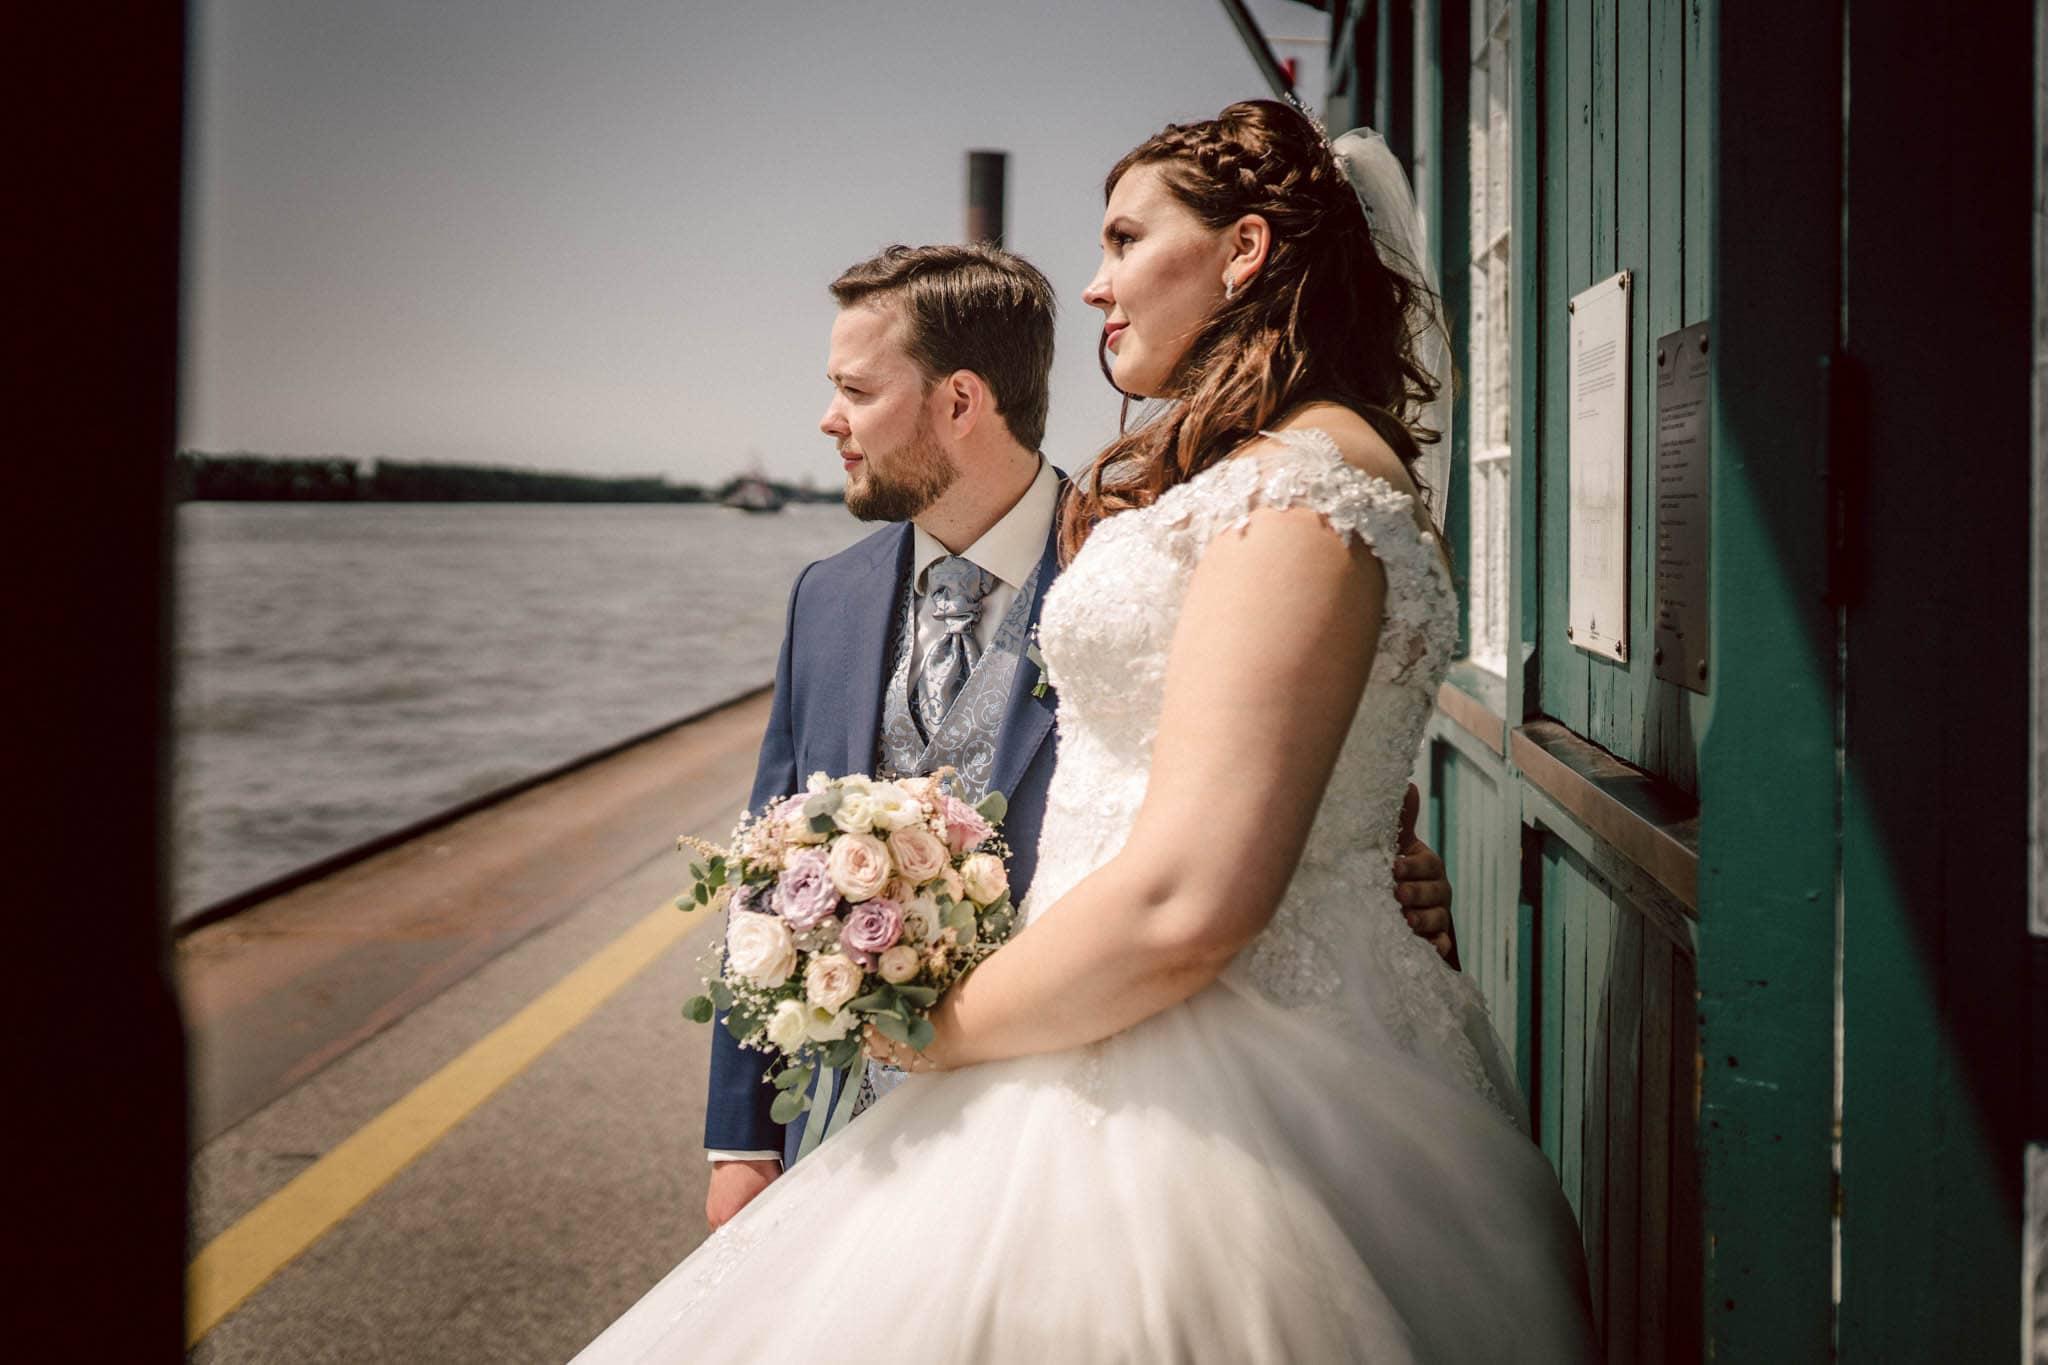 Hochzeitsfieber by Photo-Schomburg, Hochzeitsfotograf, Hamburg, Altona, wedding, Standesamt Altona, Appen, Hochzeitsshooting, Hochzeitstag, Brautpaar-71